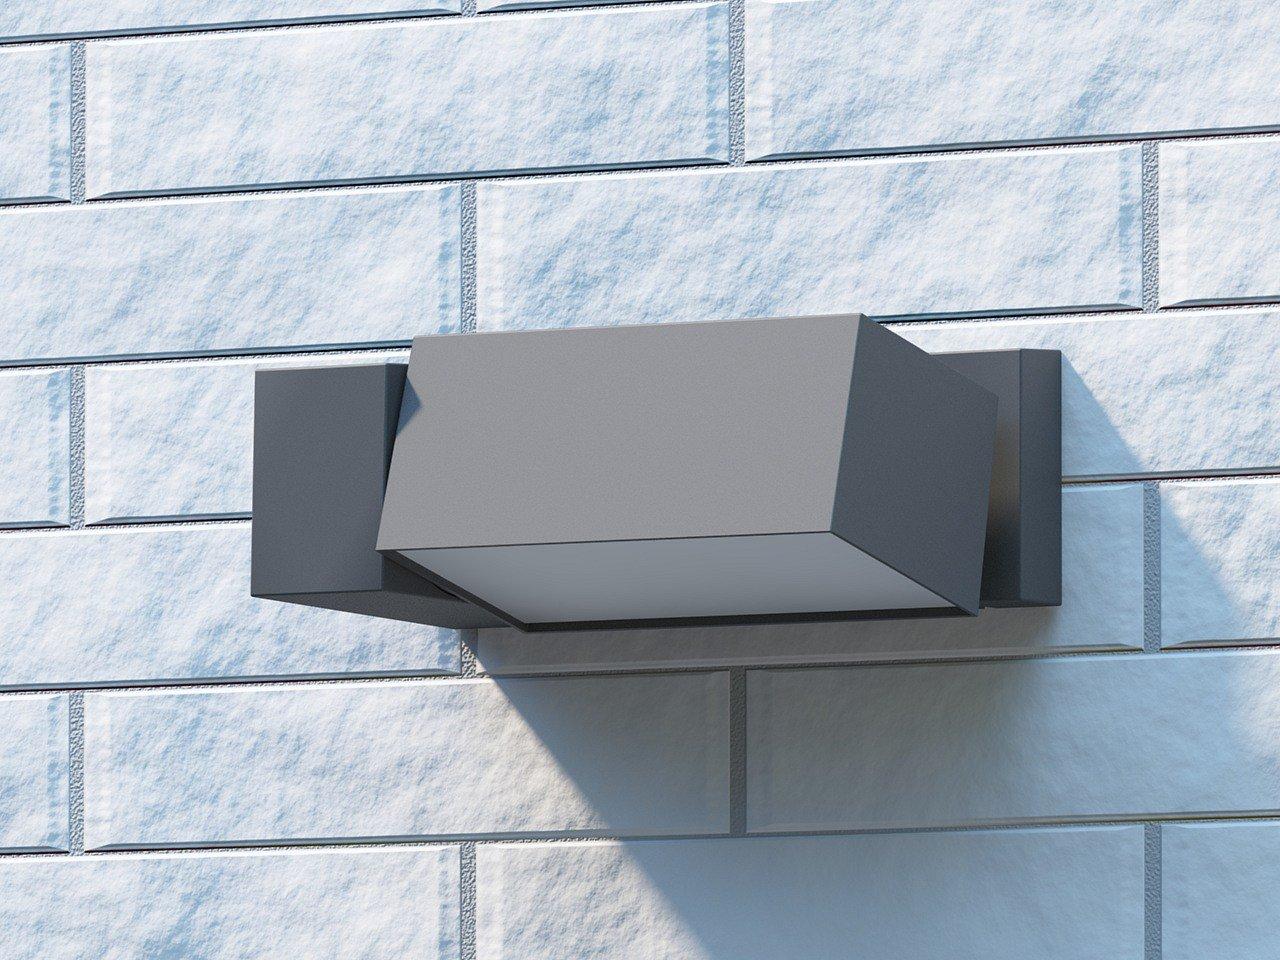 Plafoniera Esterno Philips : Da muro esterno piastrelle con e csm pr